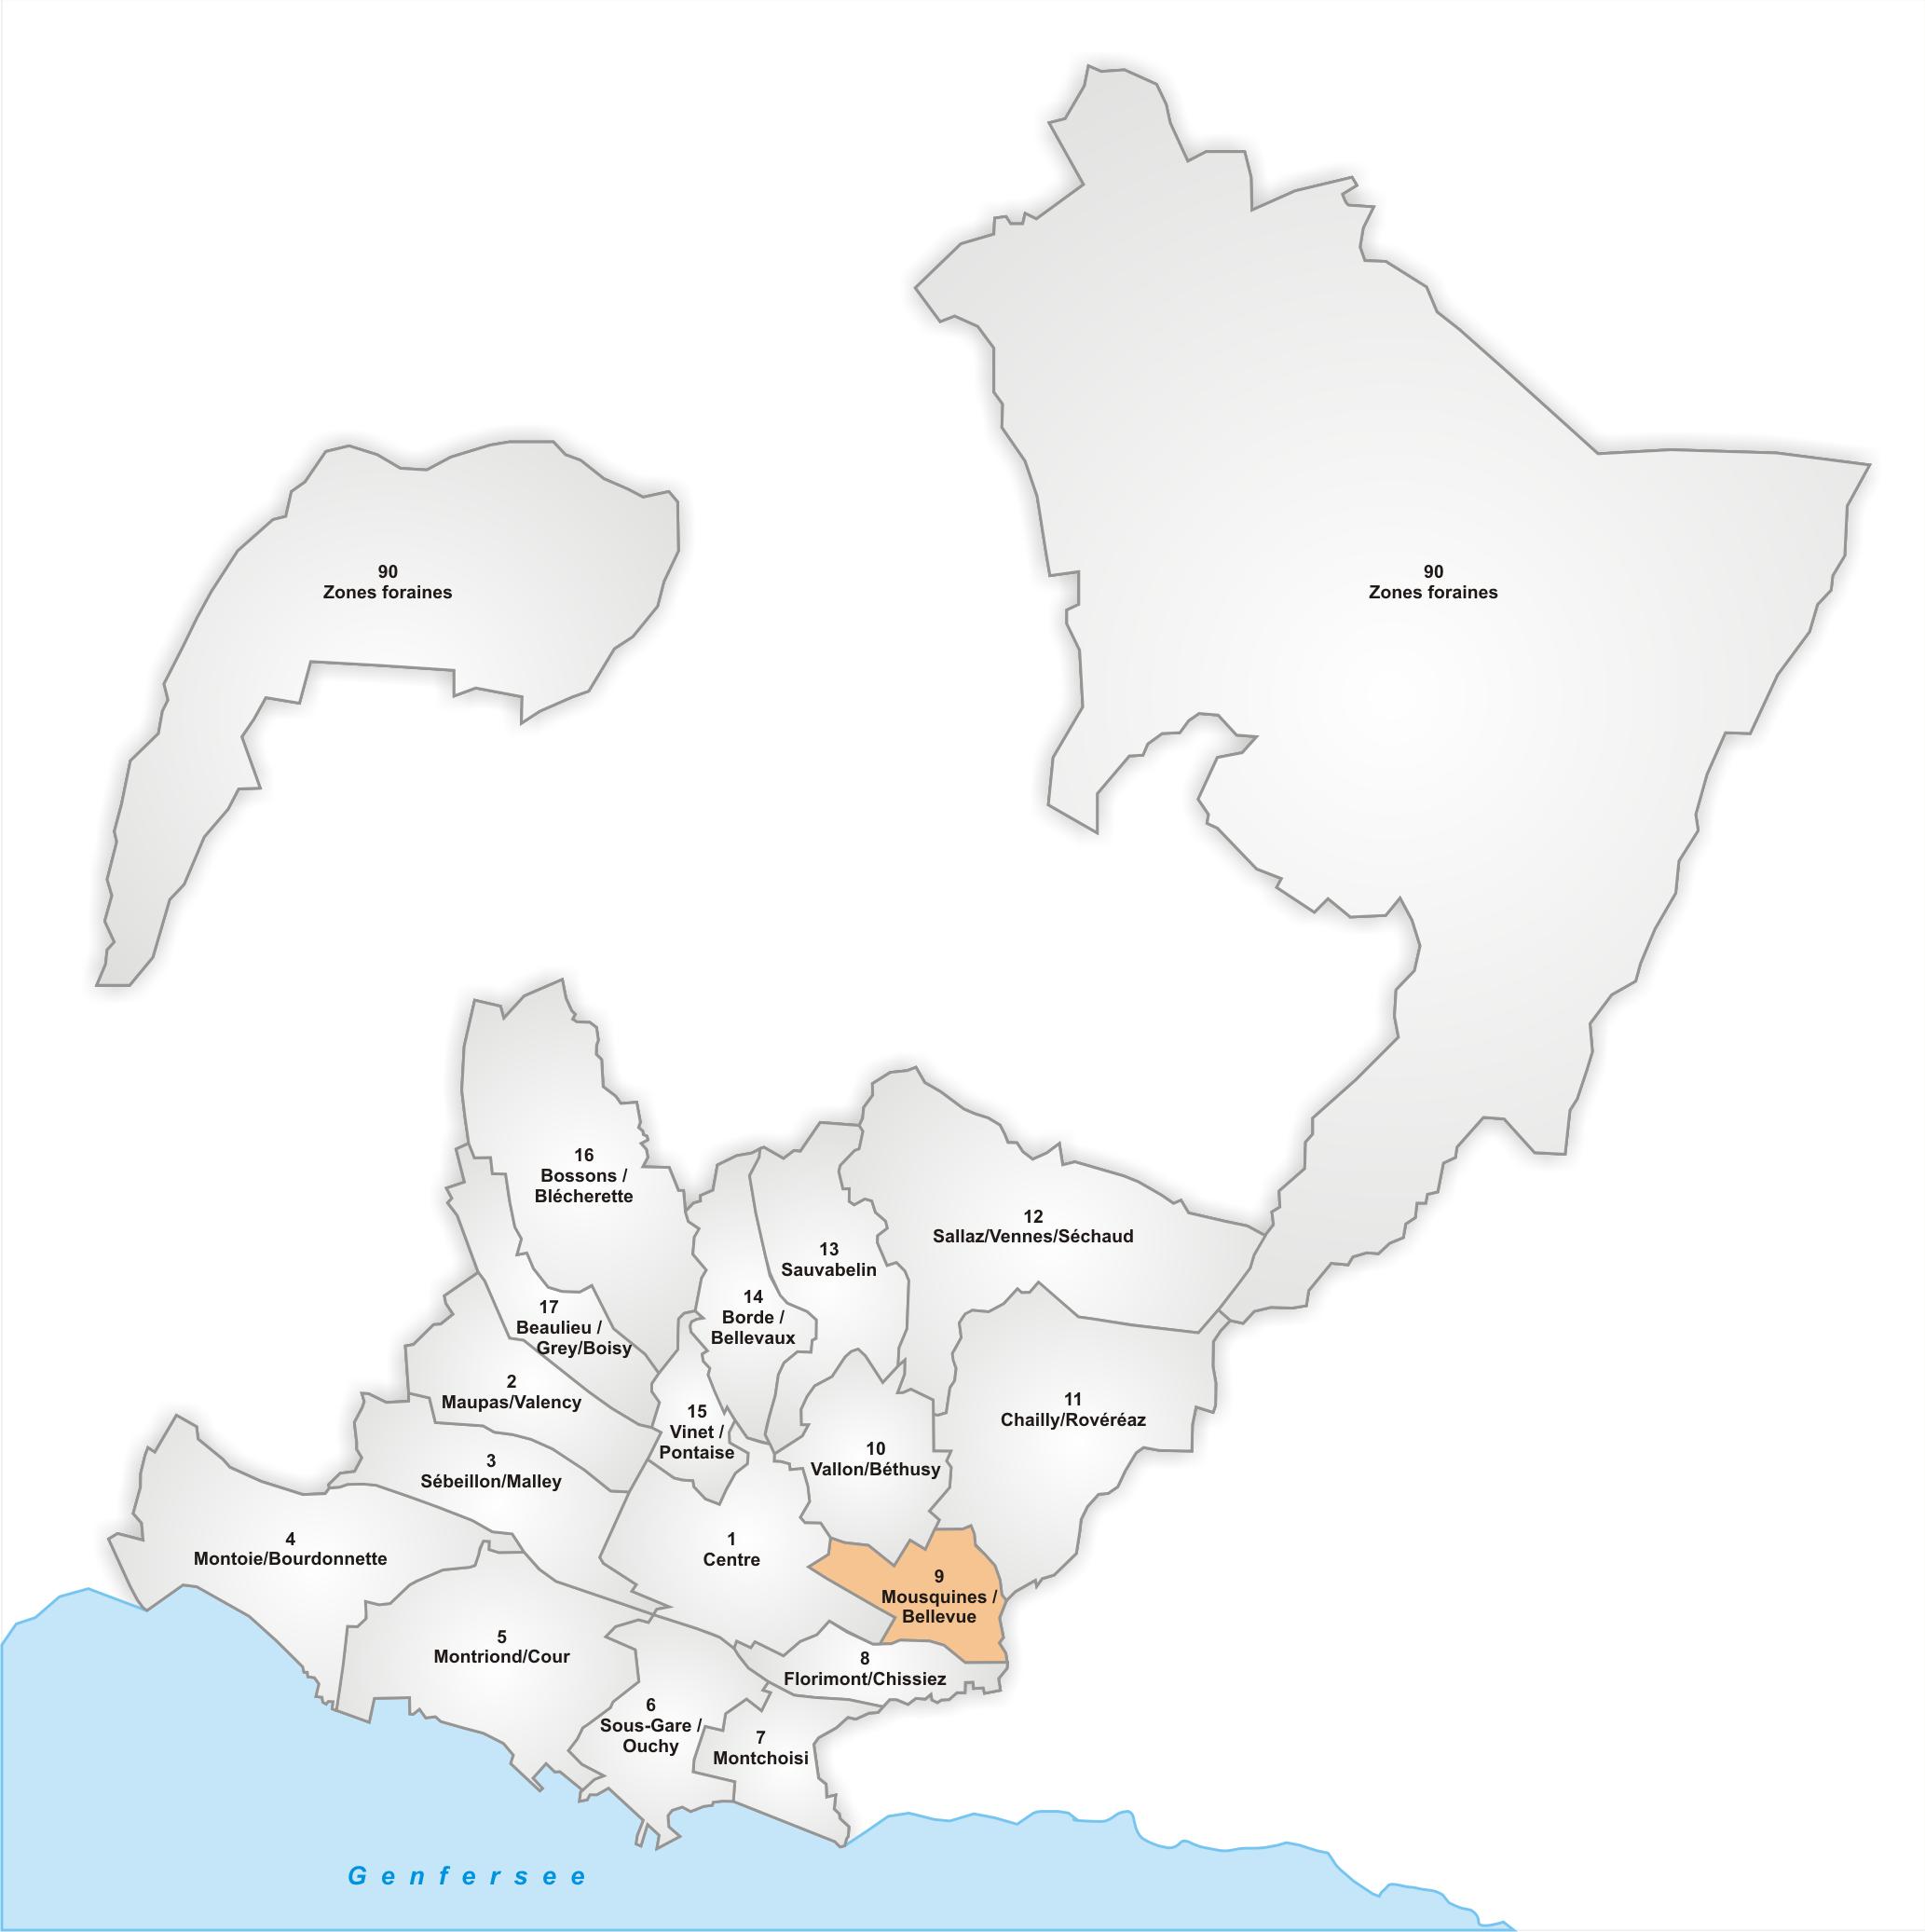 Lage des Stadtteils Mousquines/Bellevue